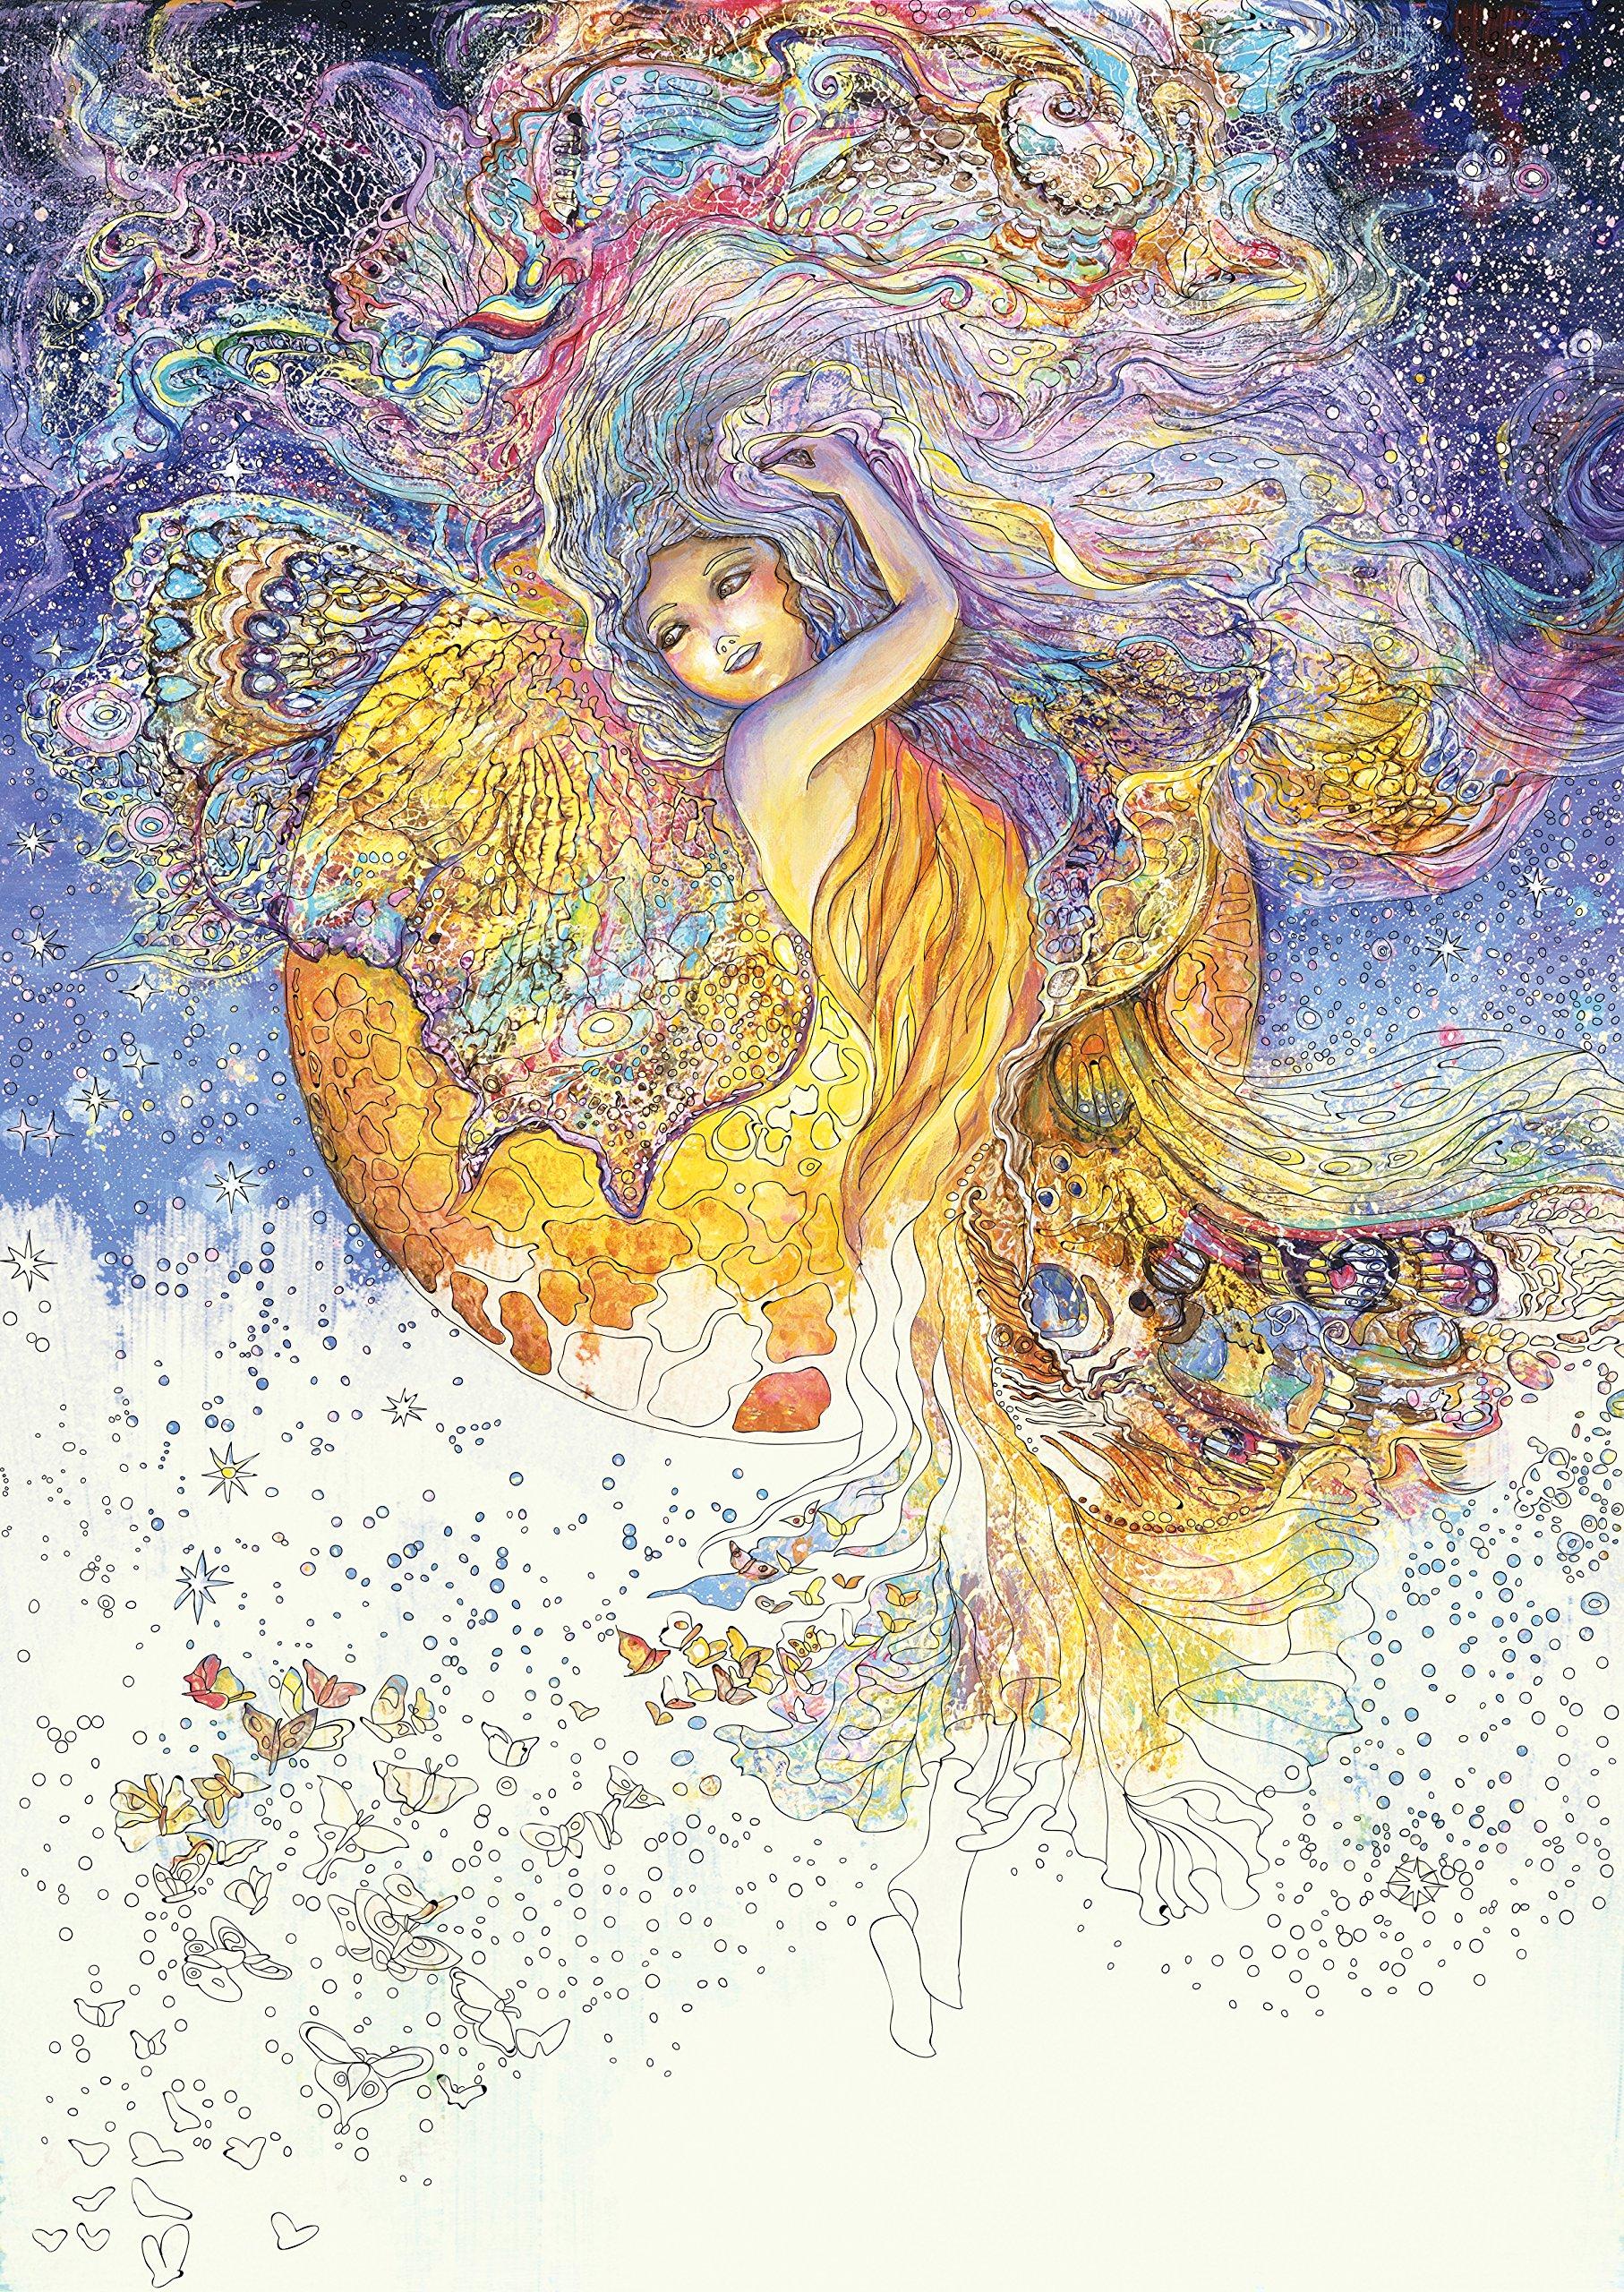 Amazon.com: Enchanted Fairies Coloring Book (9780738757520 ...